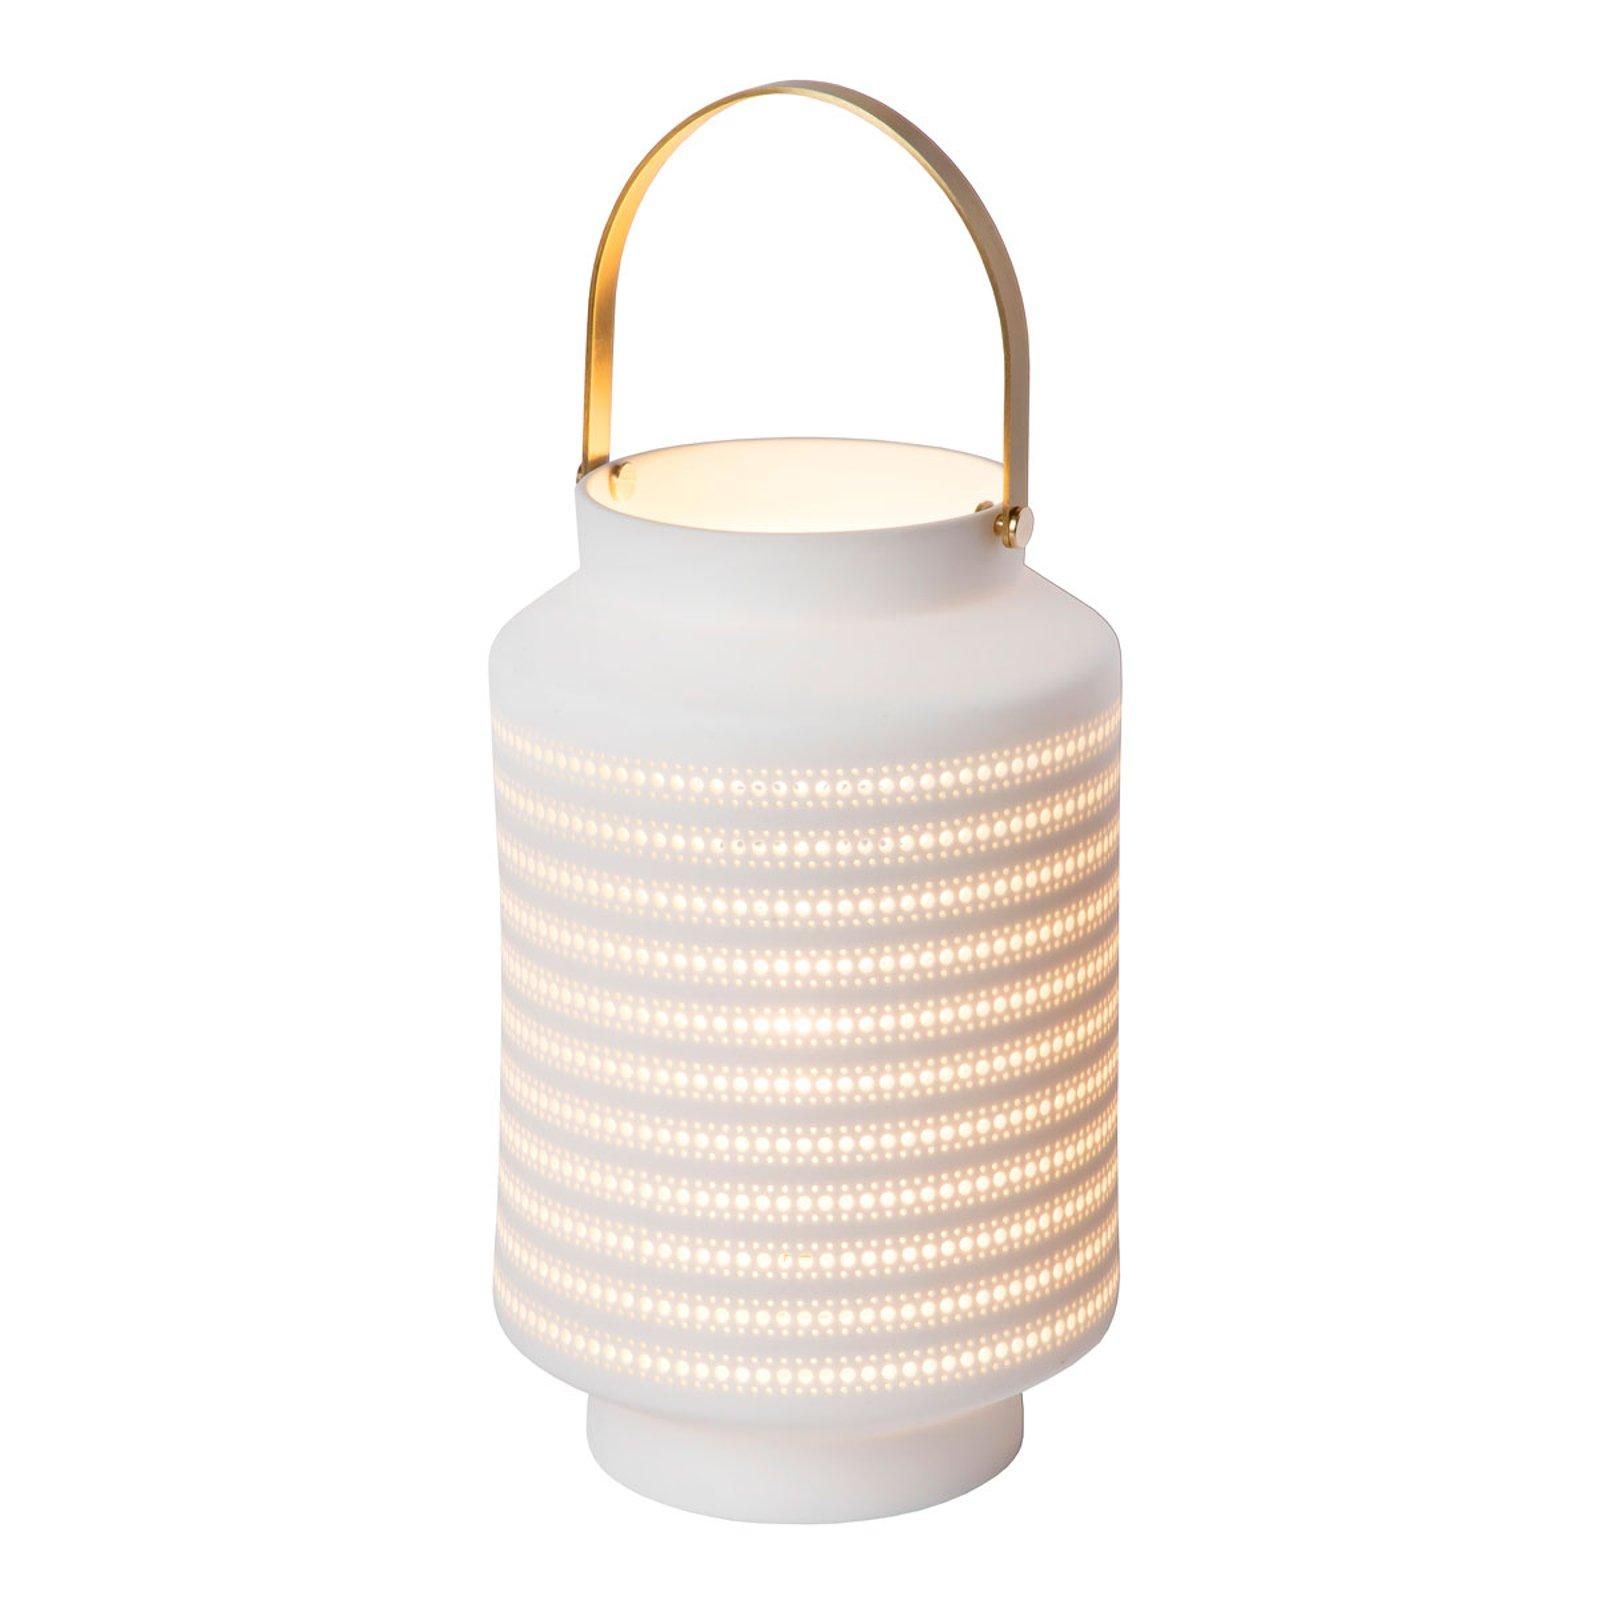 Jamila bordlampe av porselen, hvit